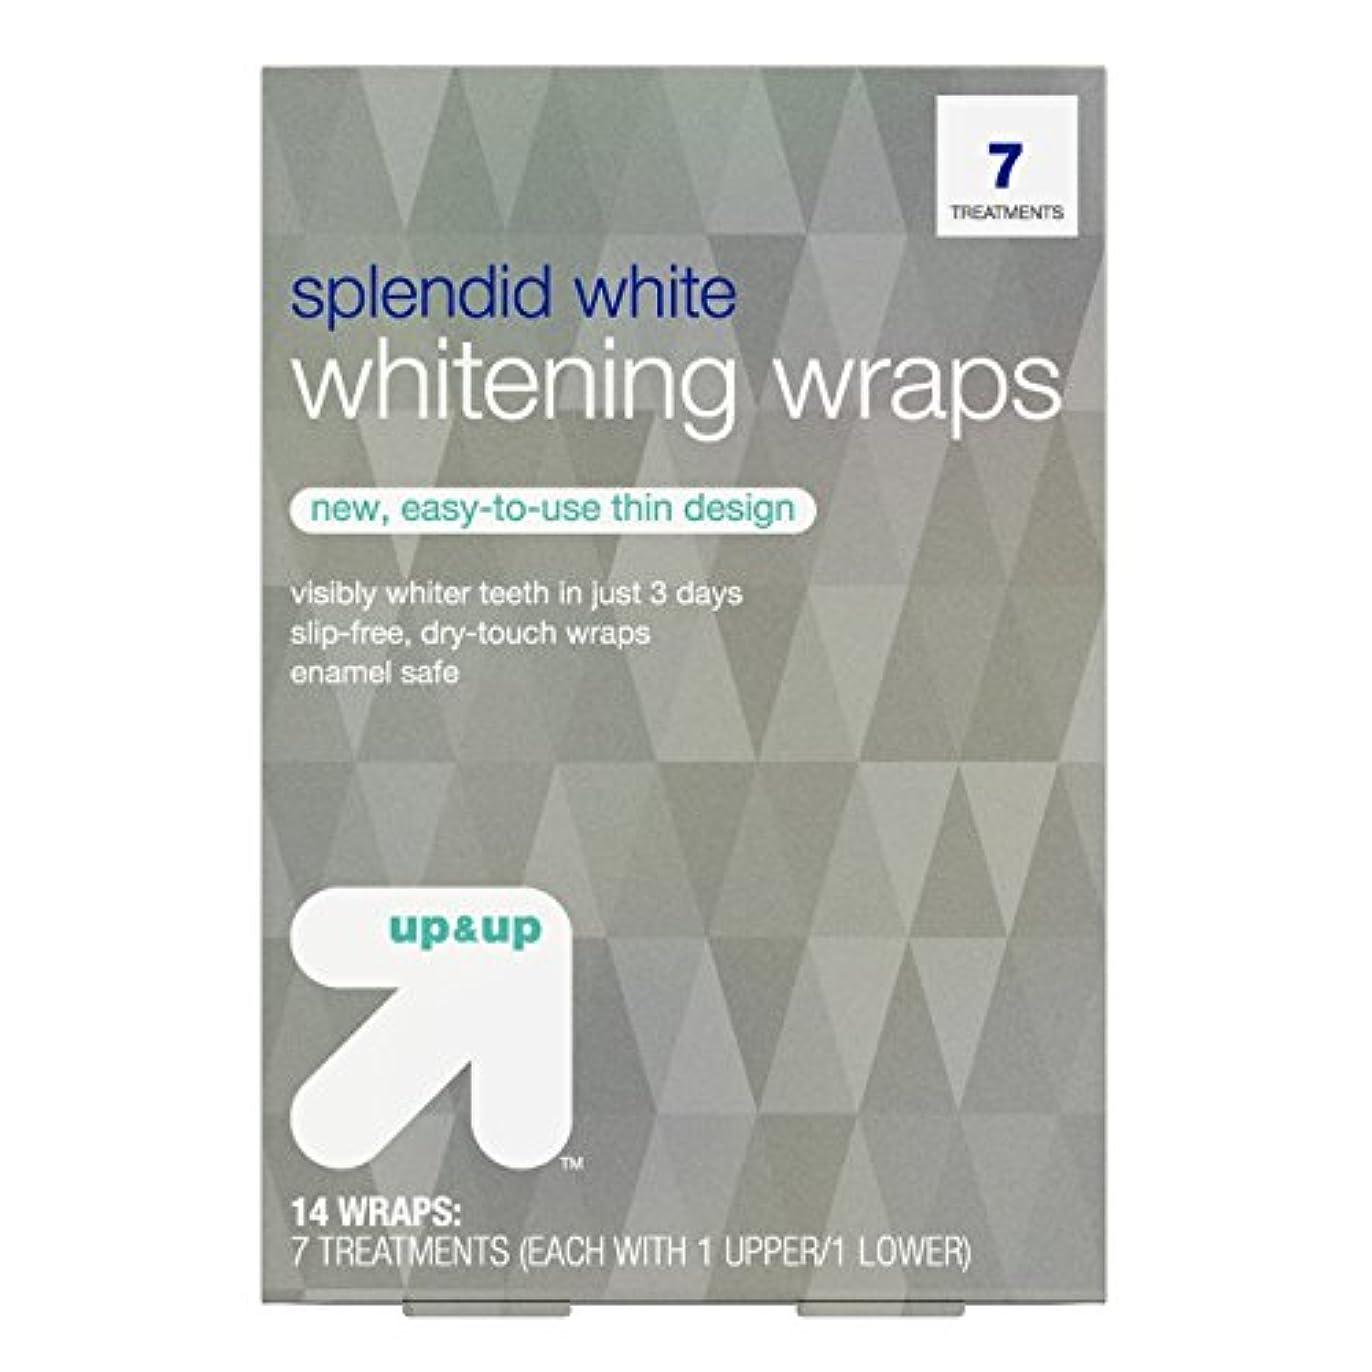 競うまたはアンテナスプレンディッドホワイトニングラップス7日分 アップ&アップ Splendid White Teeth Whitening Wraps 7-Day Treatment - up & up